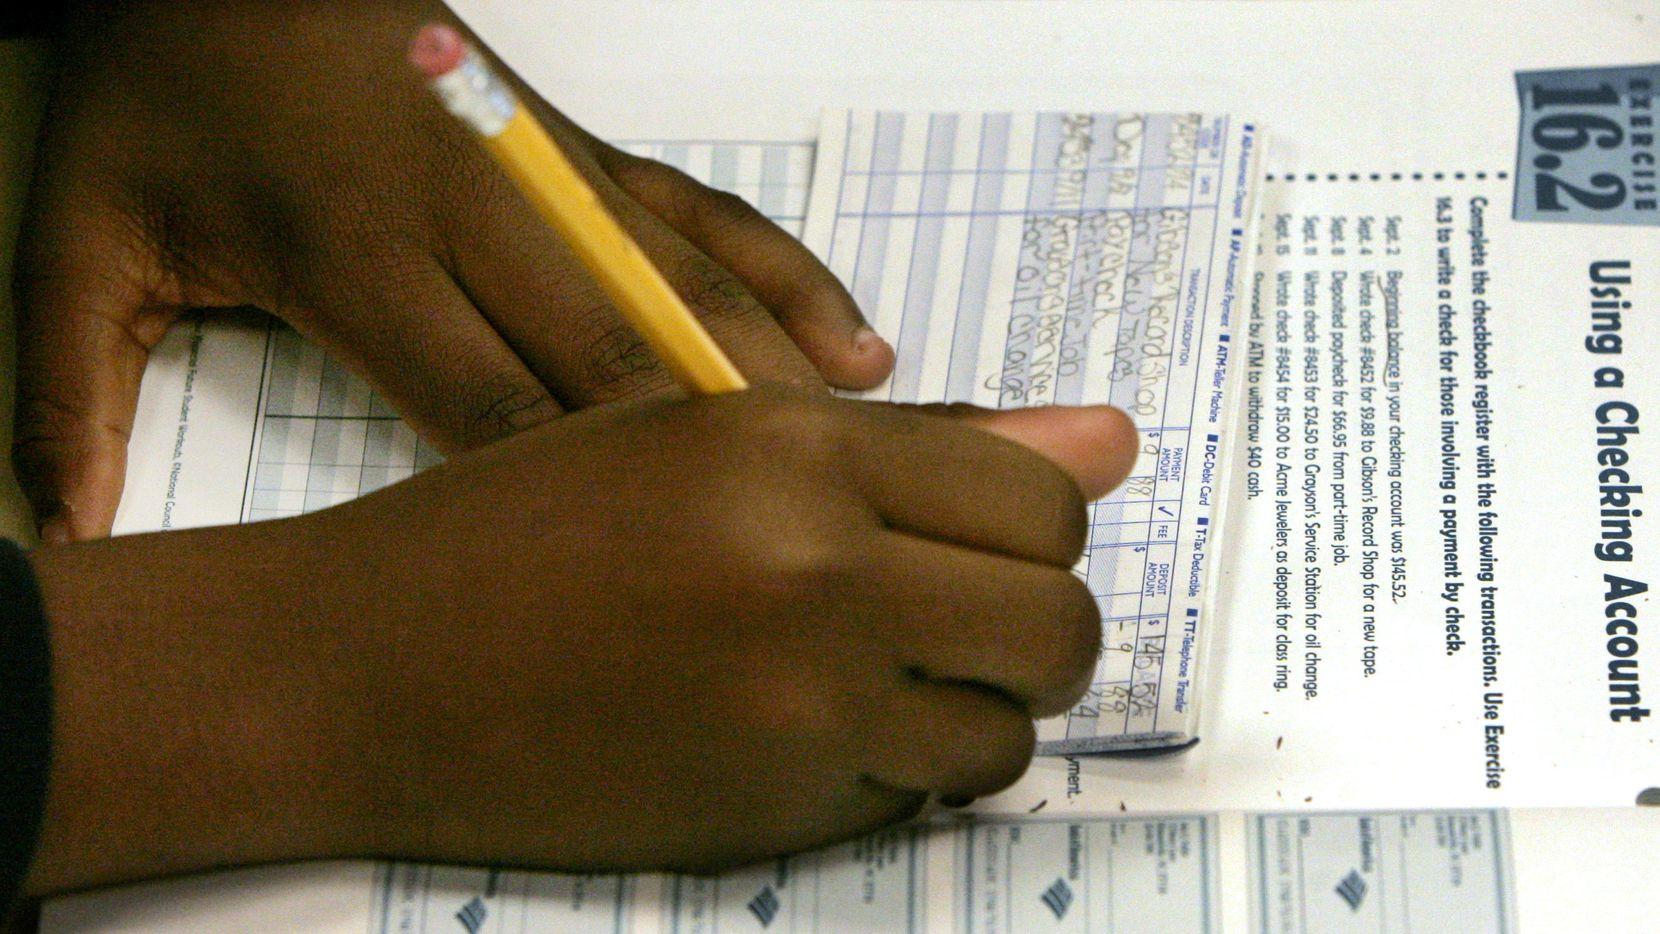 Tomar clases de finanzas personales es una buena opción. AP Foto/Charles Rex Arbogast, Archivo)